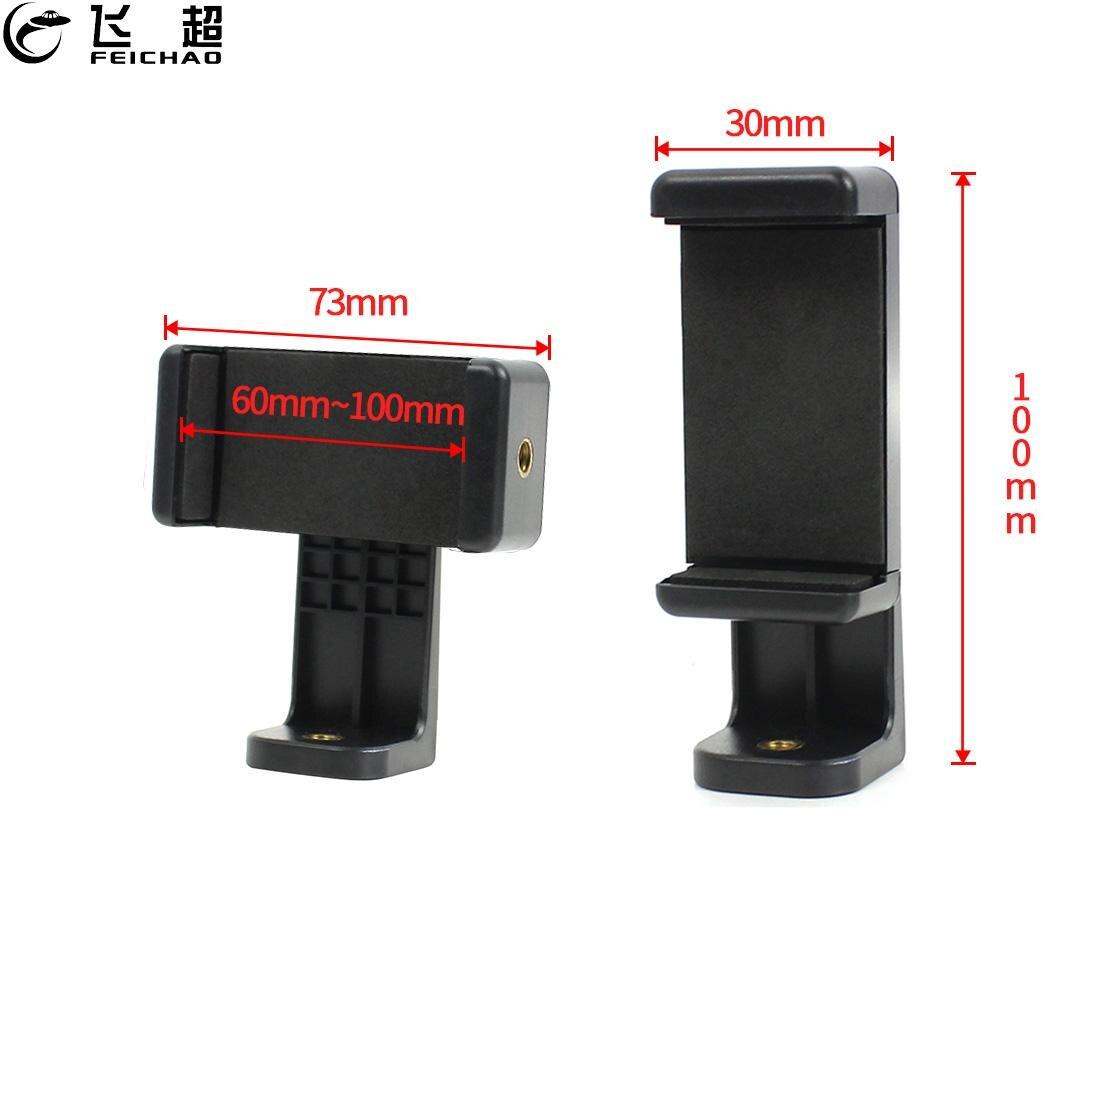 Soporte Universal para teléfono móvil con rotación de 360 grados soporte en vivo Mini Kit de adaptador de montaje para trípode de mesa ligero con orificio de tornillo 1/4